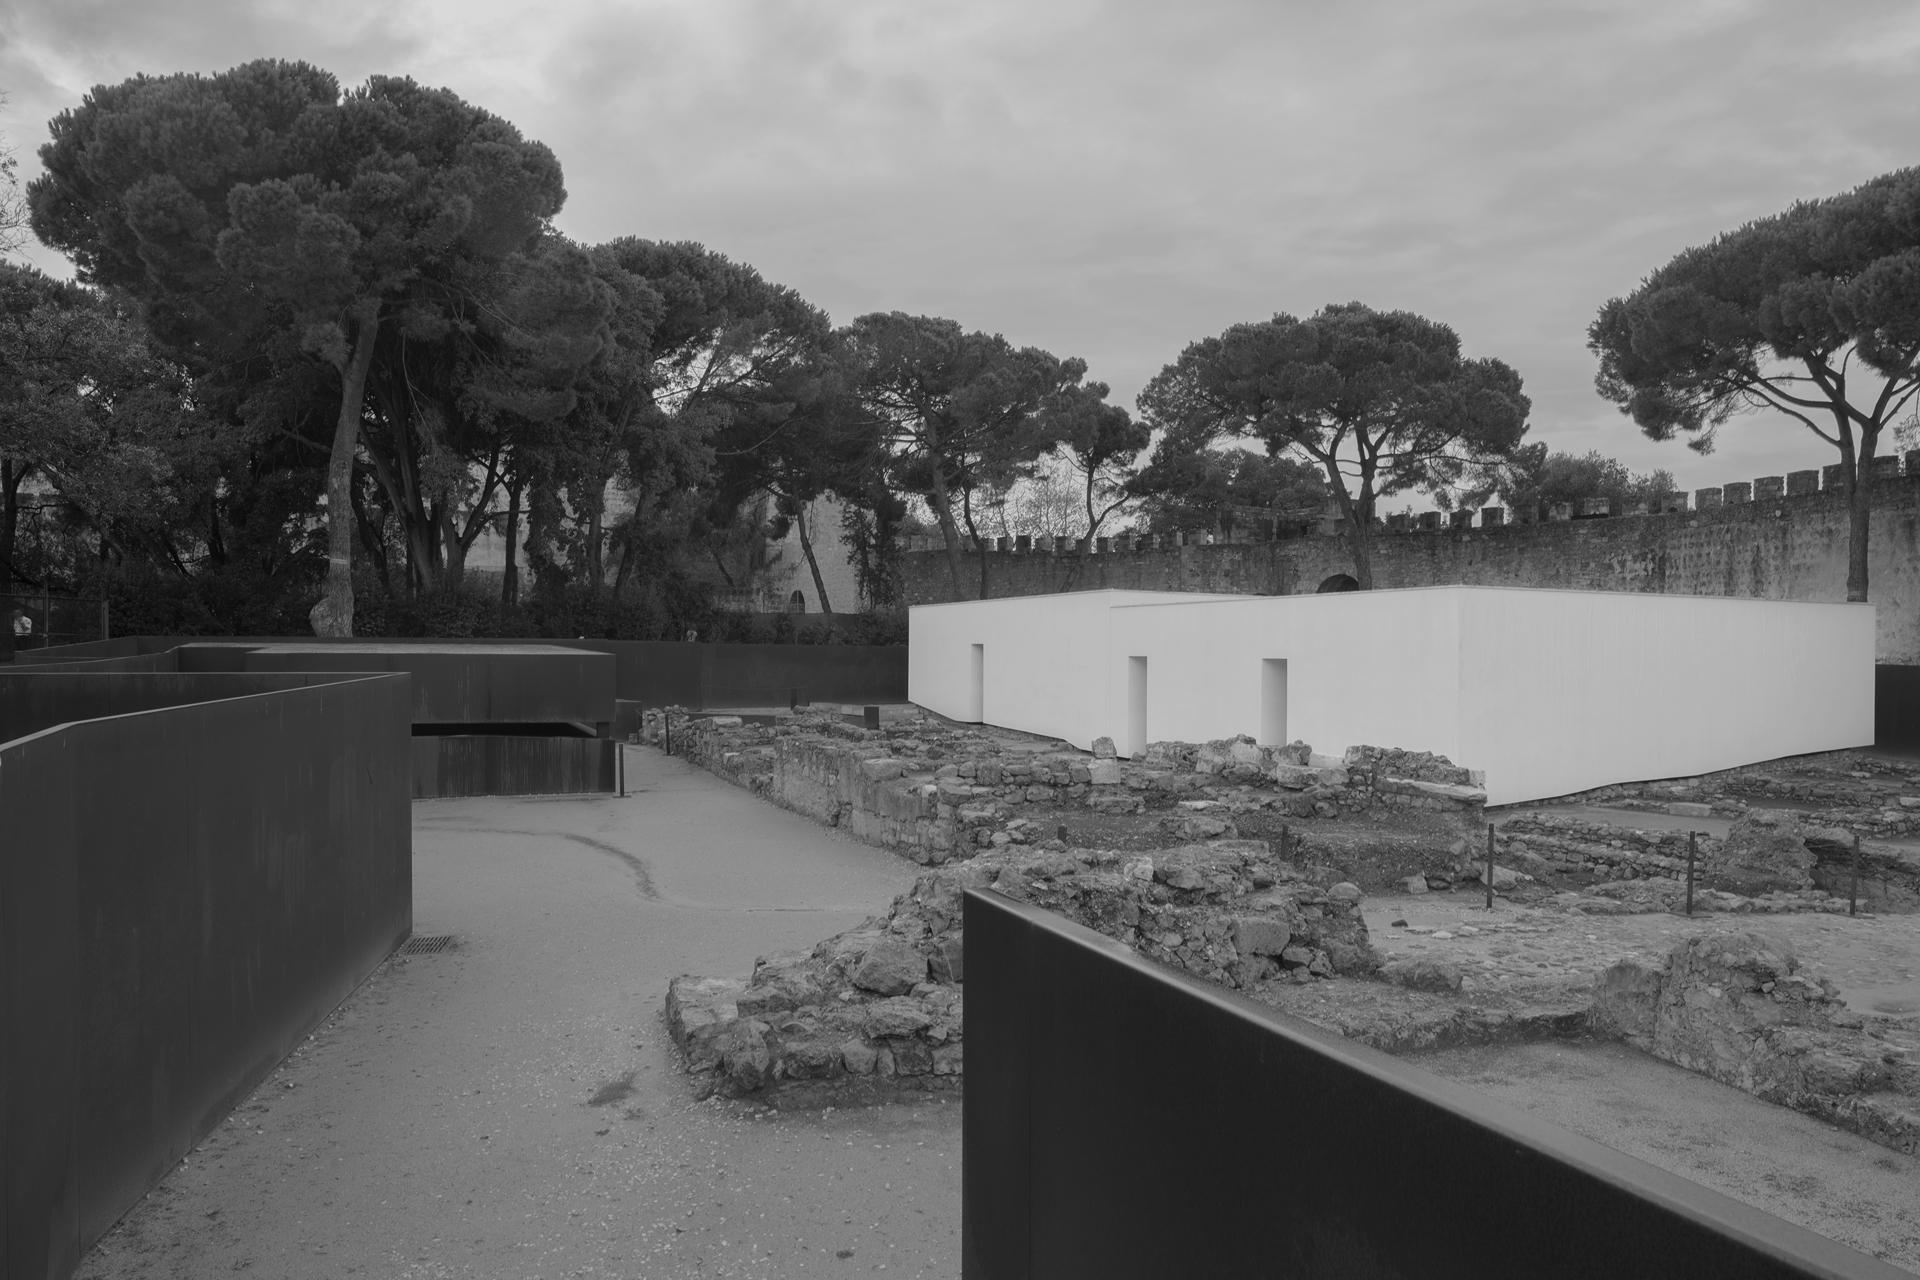 Sítio Arqueológico 9